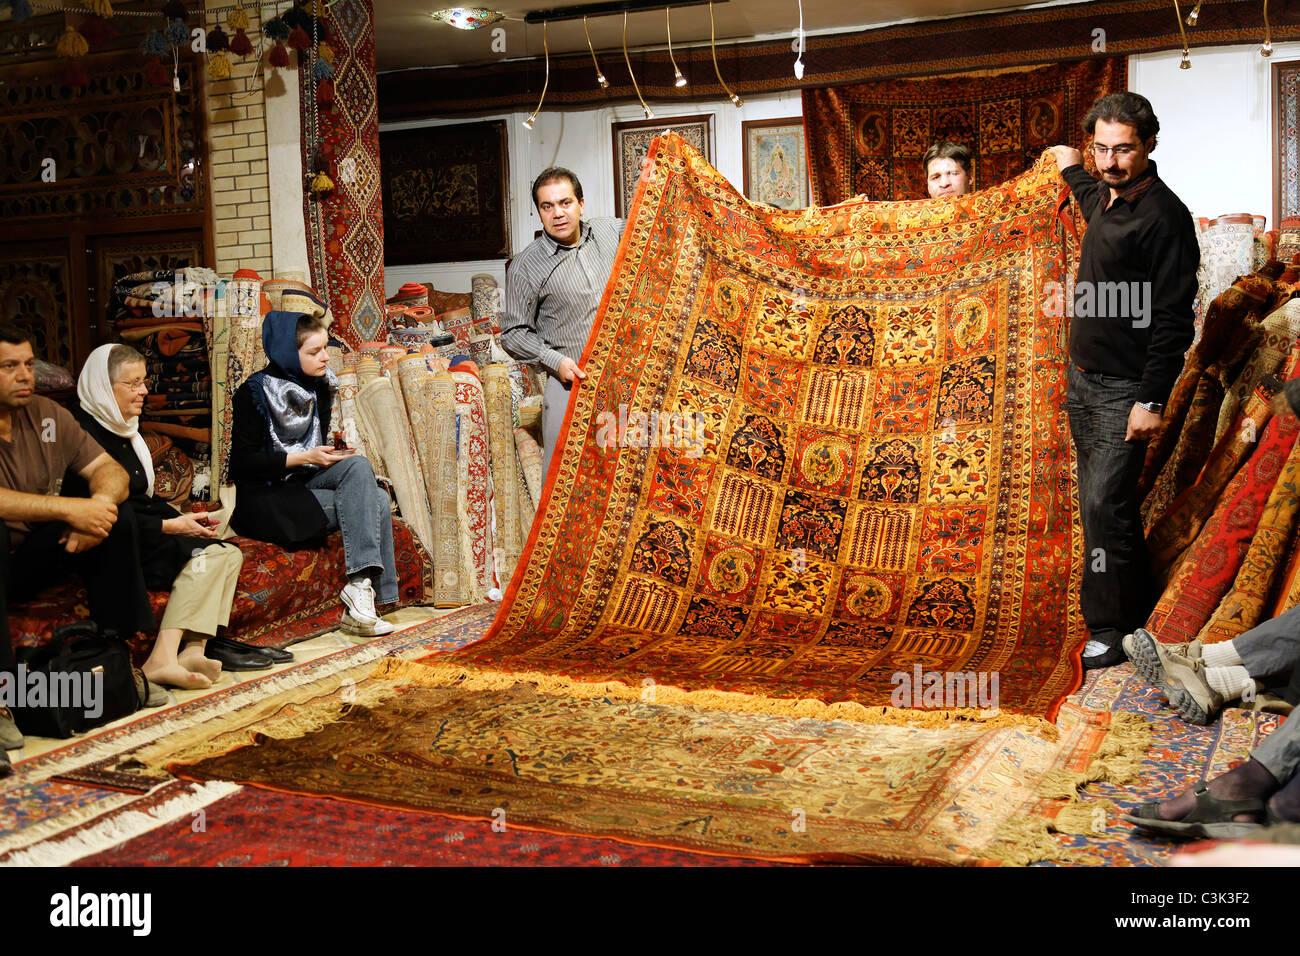 Tienda de venta de alfombras alfombras persas en isfah n for Alfombras de iran